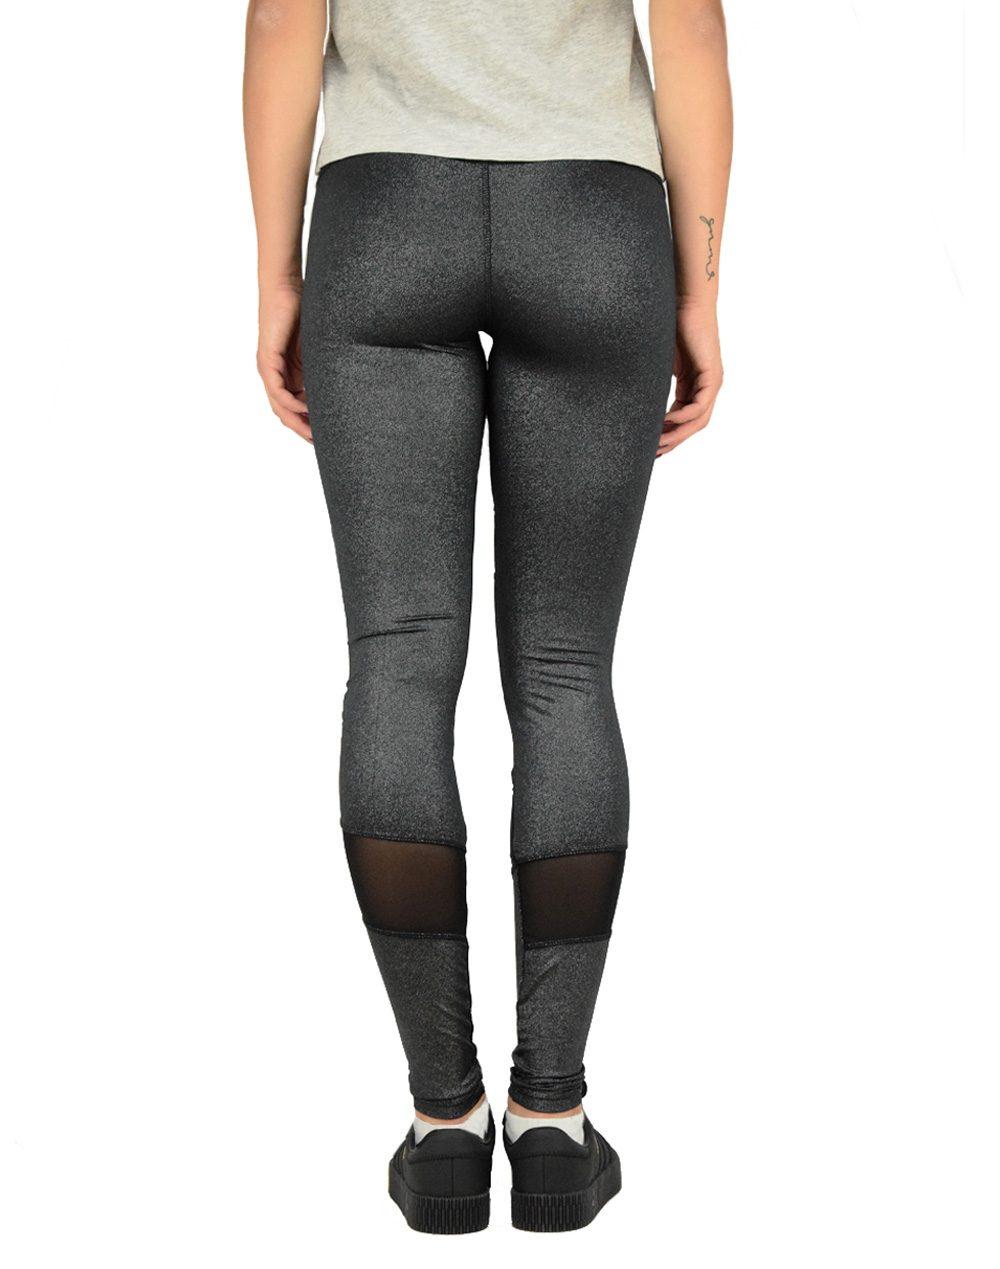 Ellesse Sport Alynite Silver/Black (SRY05294)